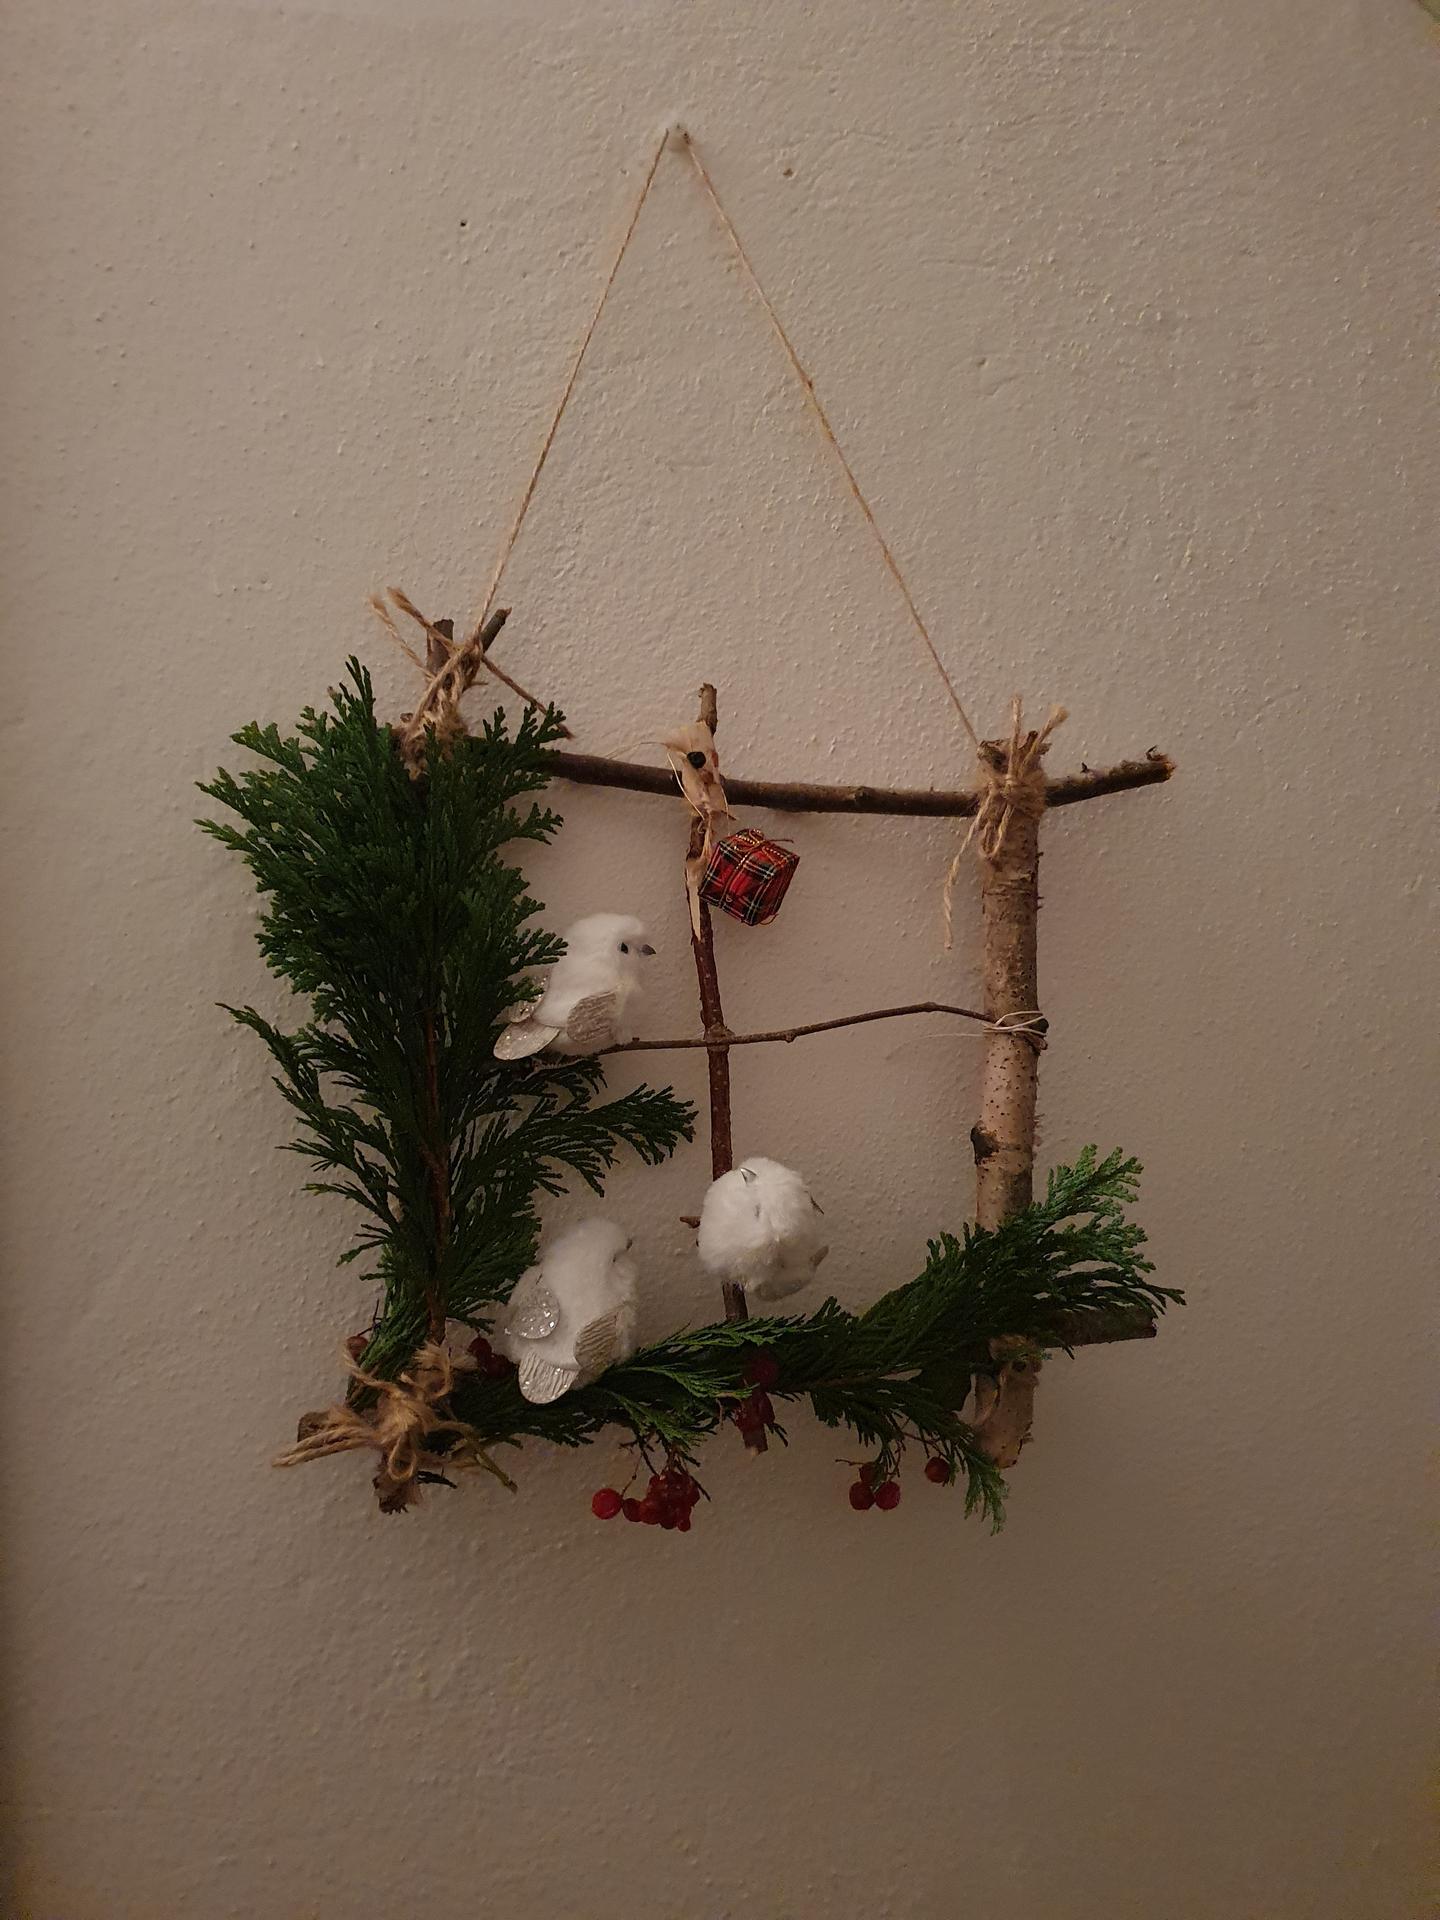 Vianočné dekorácie/Vianočná inšpirácia - Obrázok č. 14